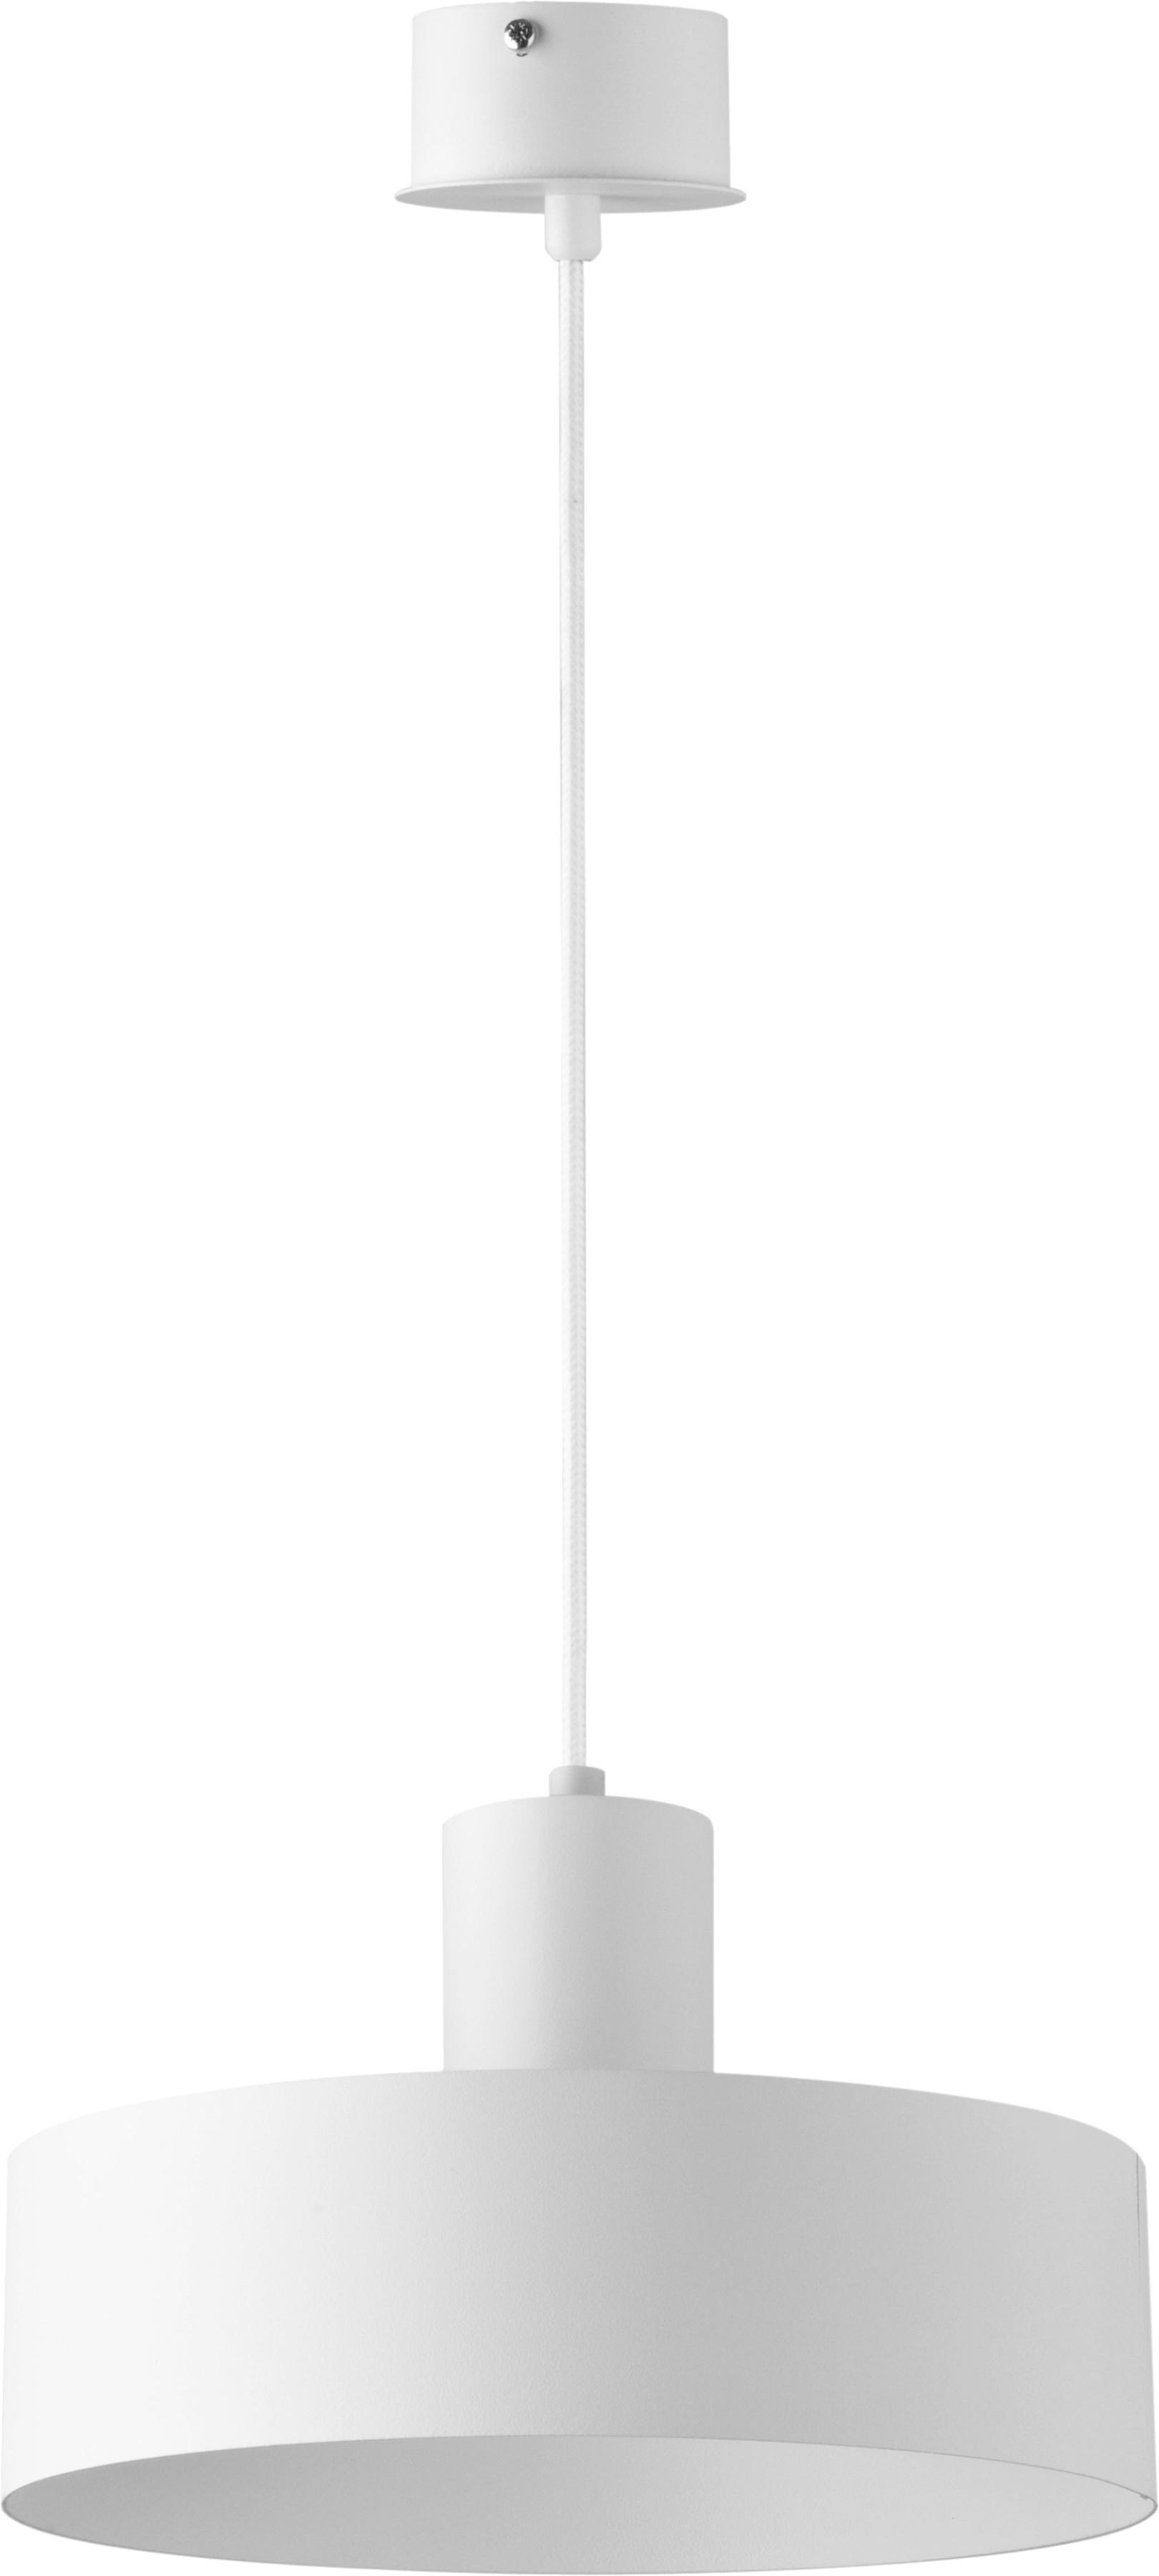 Lampa wisząca Rif 1 M biała 30902 - Sigma // Rabaty w koszyku i darmowa dostawa od 299zł !